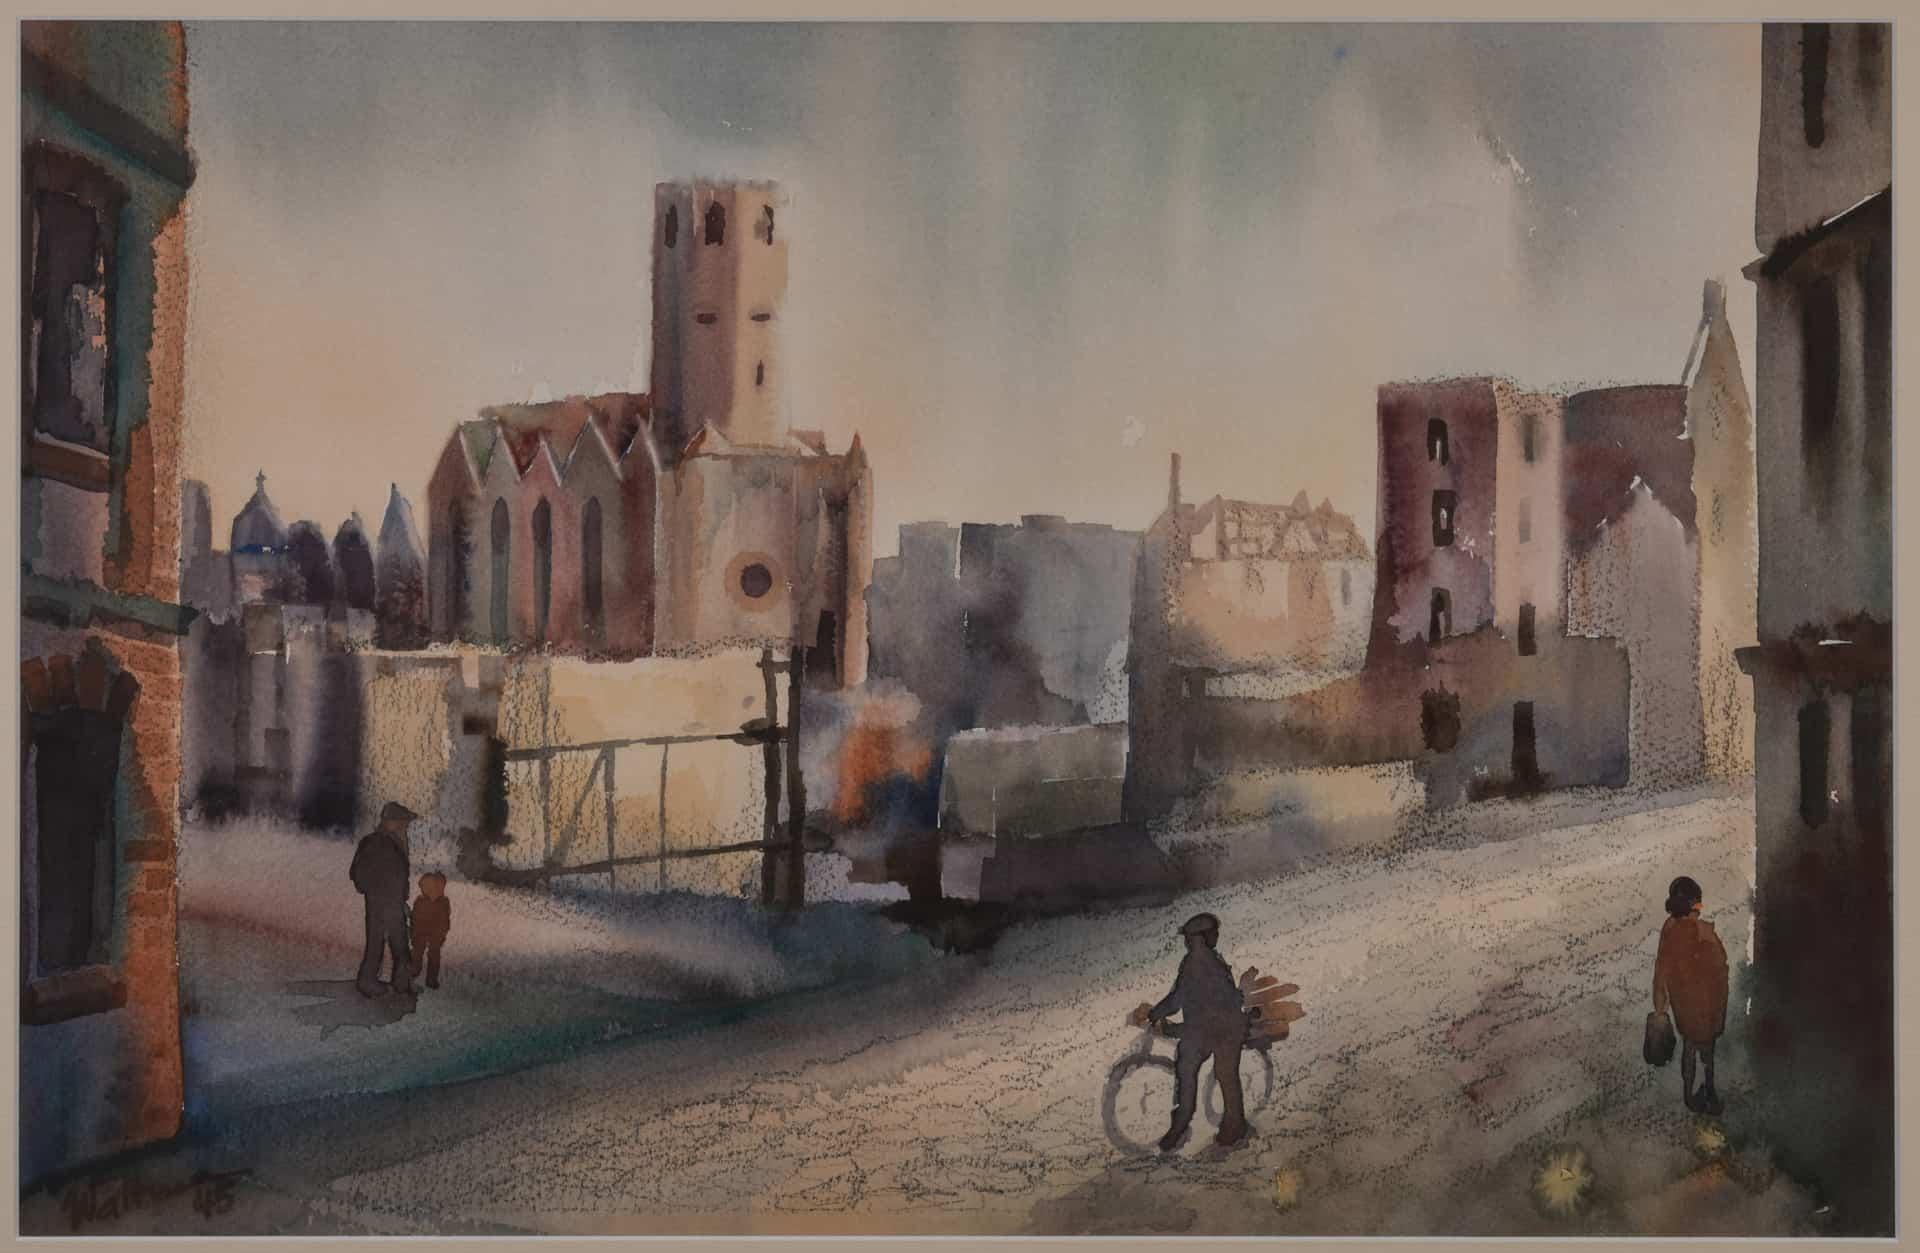 Der Alltag ist eingekehrt: der Bäckerklint mit der Ruine der Petrikirche von Herbert Waltmann. Foto: Stiftung Prüsse / Andreas Greiner-Napp